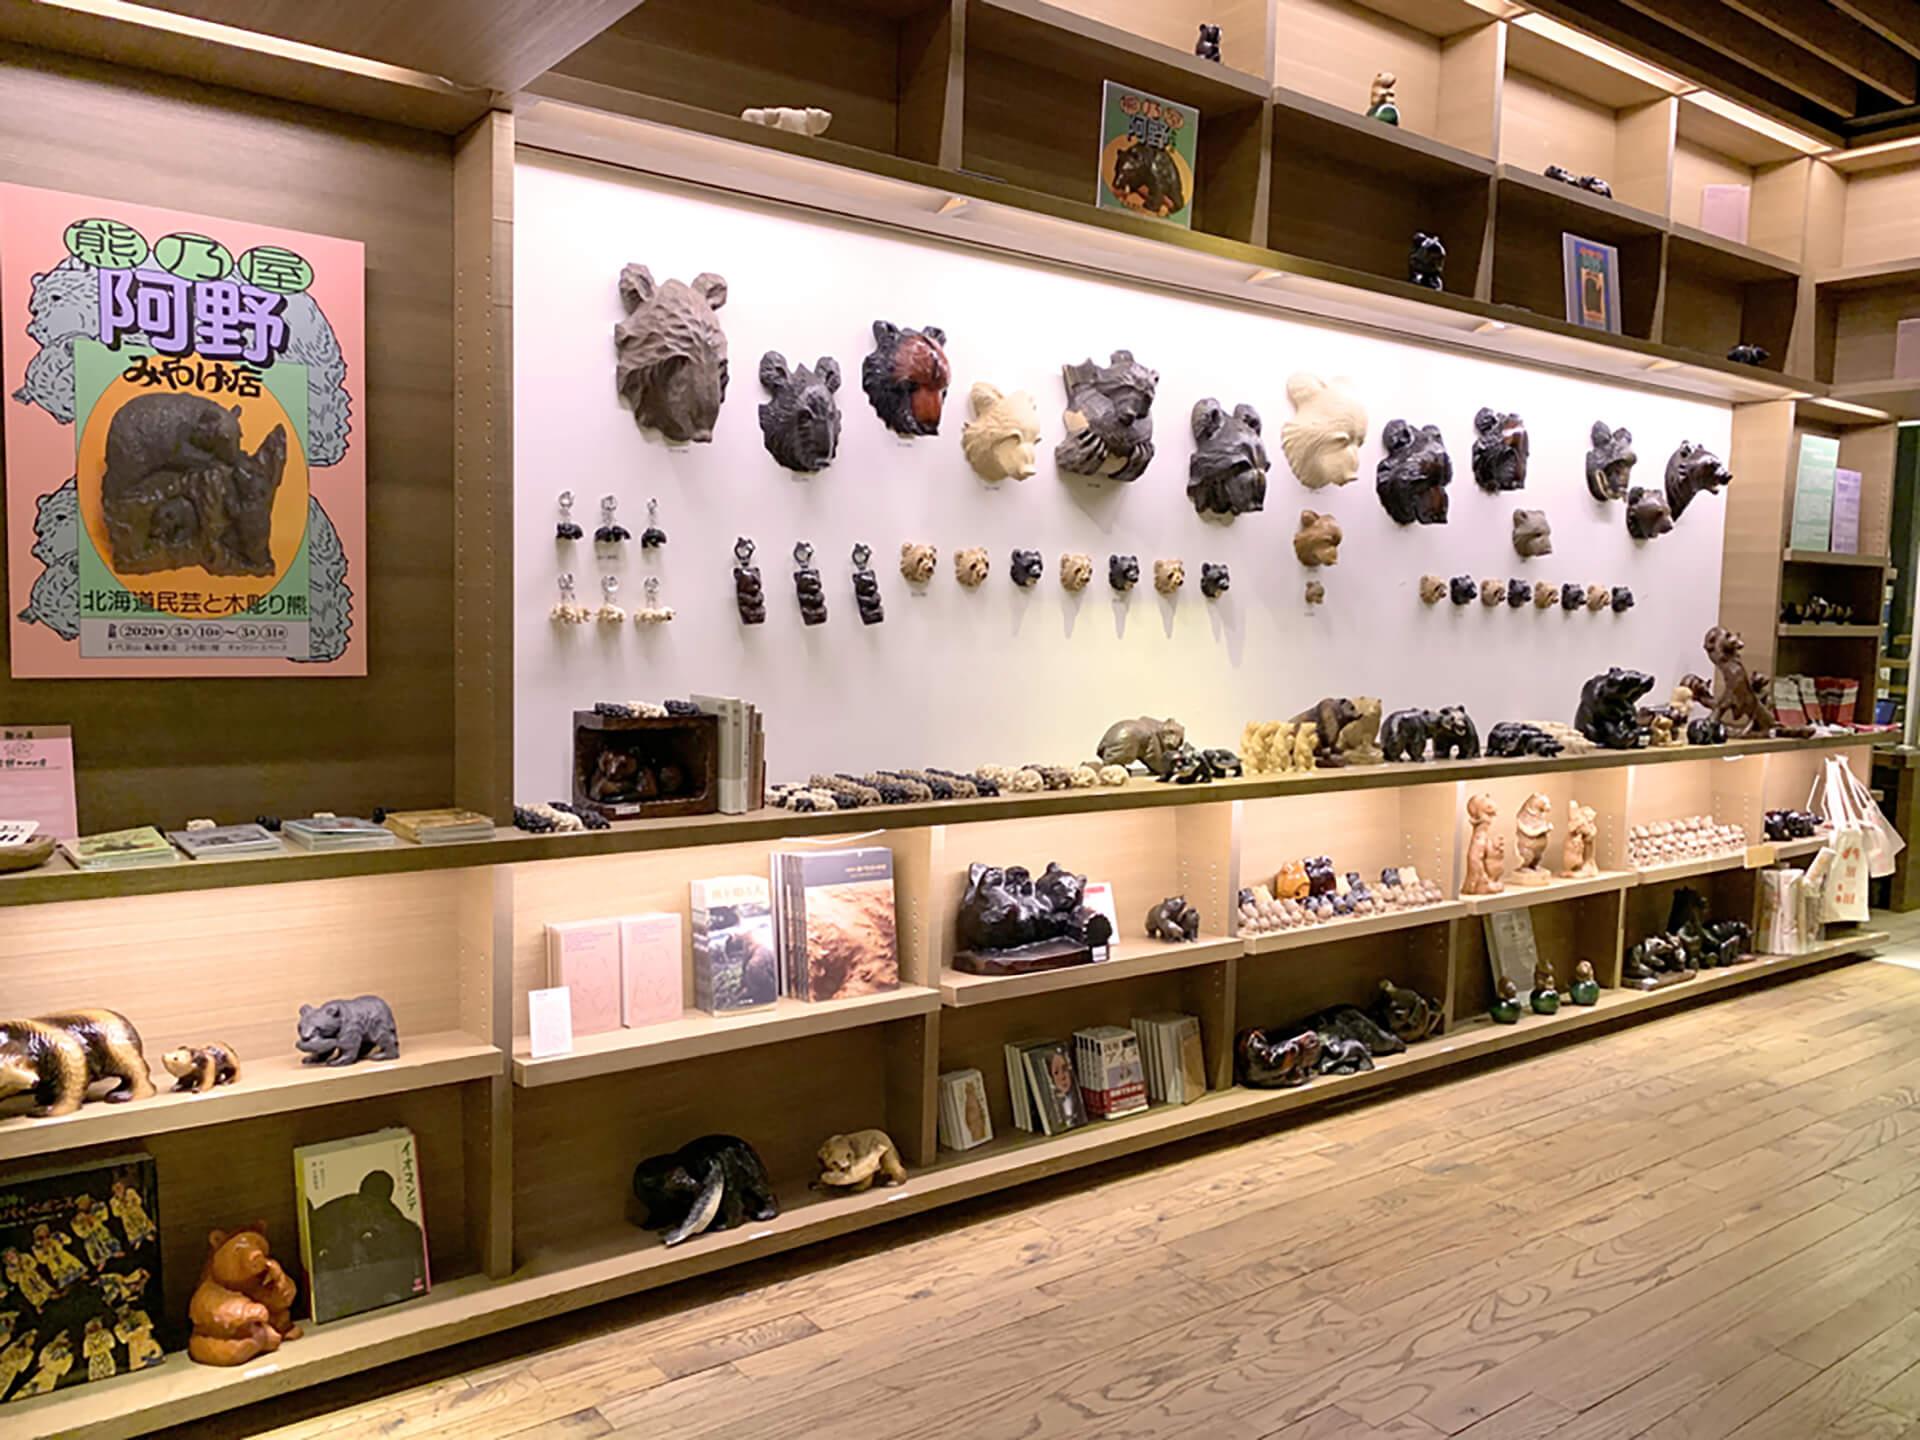 熊乃屋阿野みやげ店 ~北海道民芸と木彫り熊~会場風景